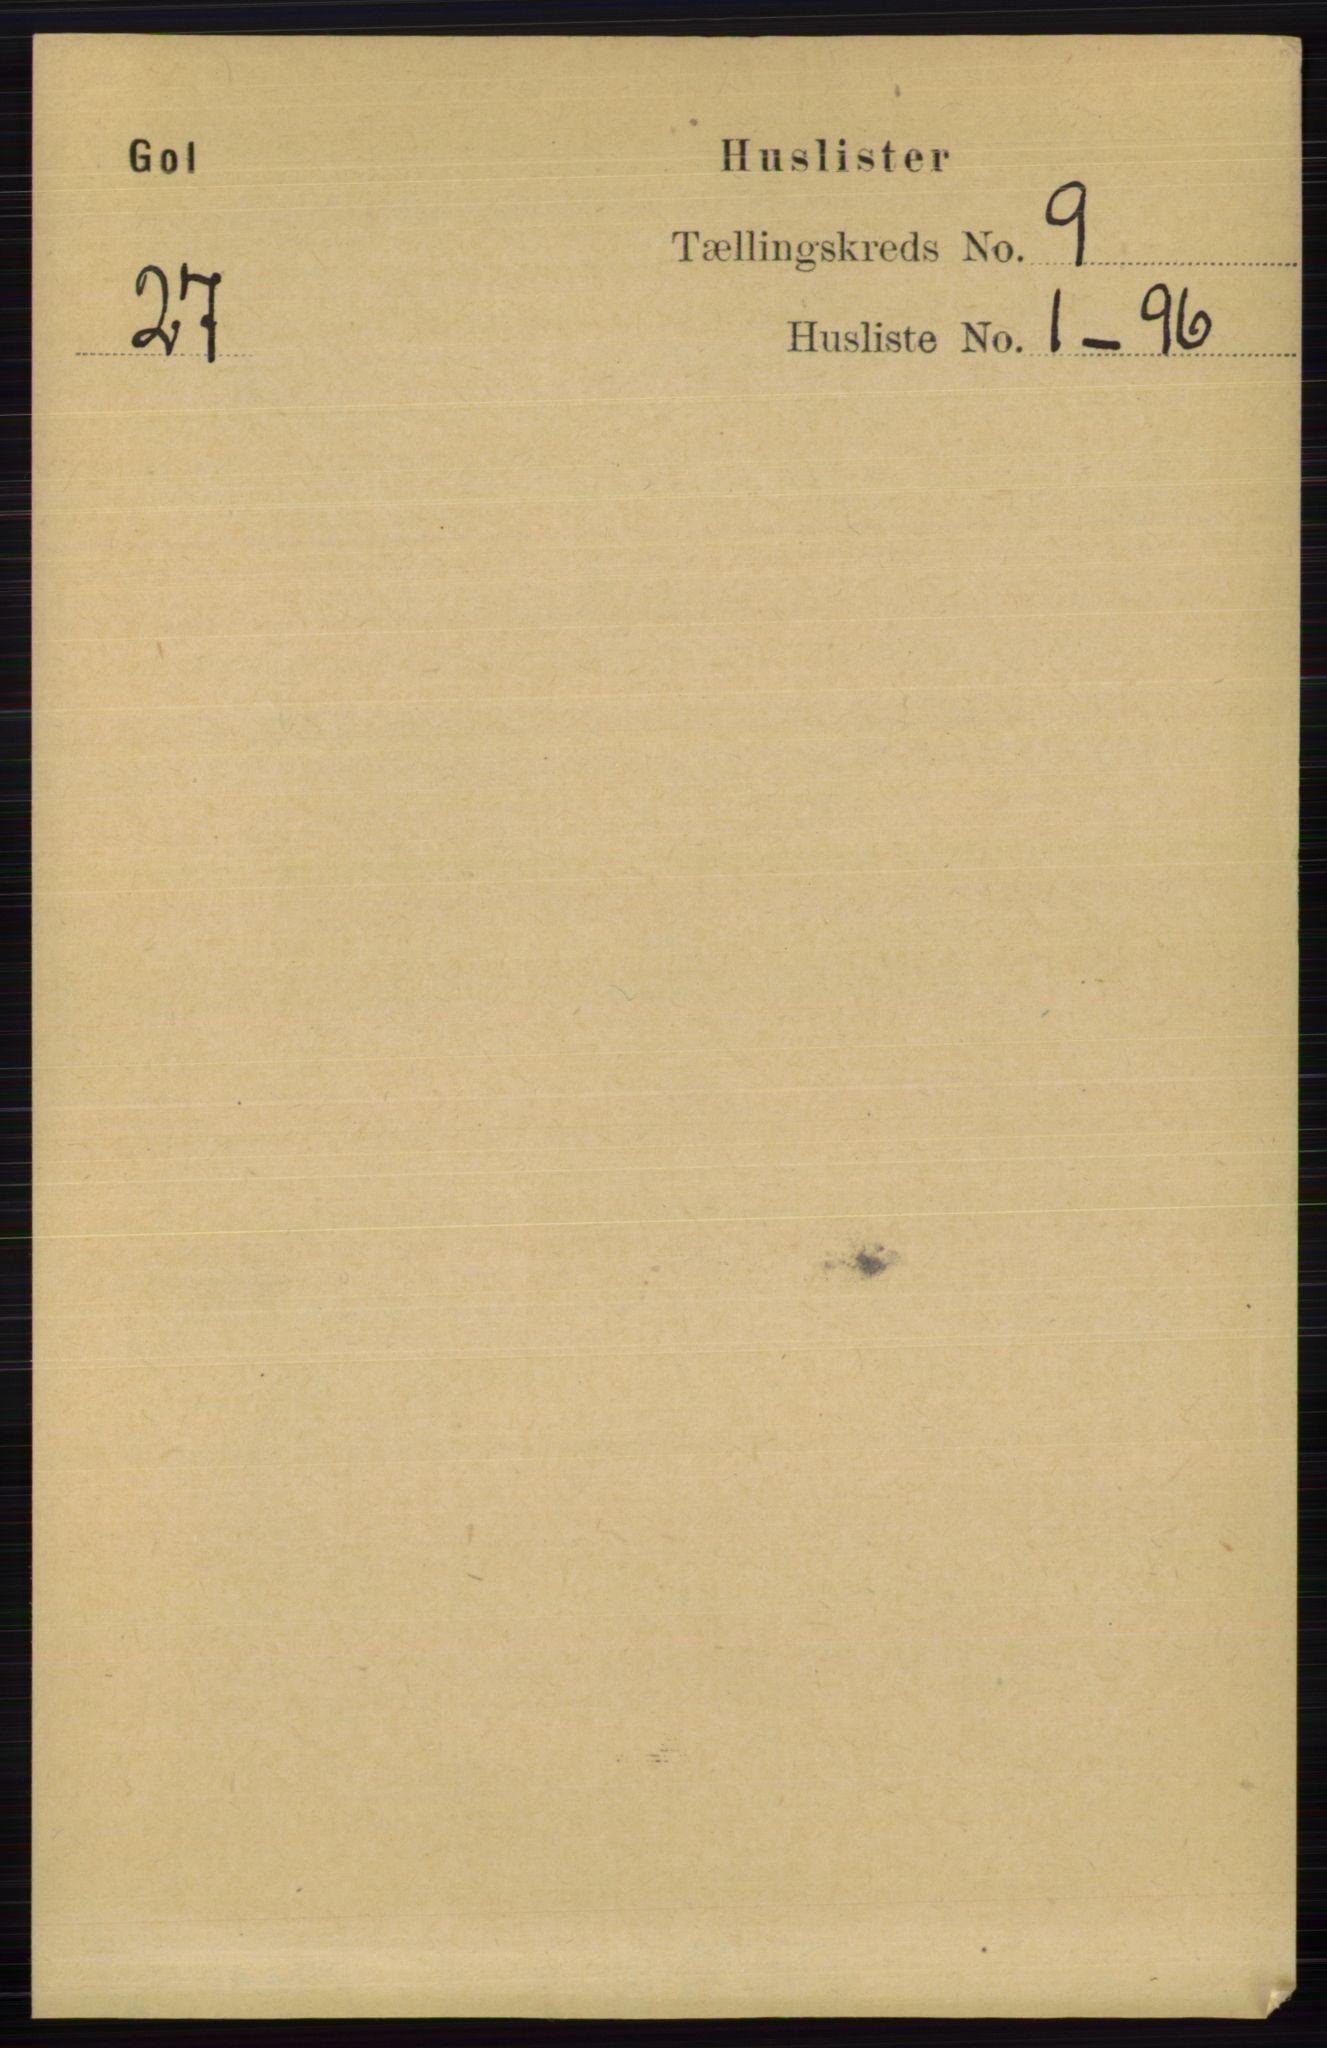 RA, Folketelling 1891 for 0617 Gol og Hemsedal herred, 1891, s. 3299